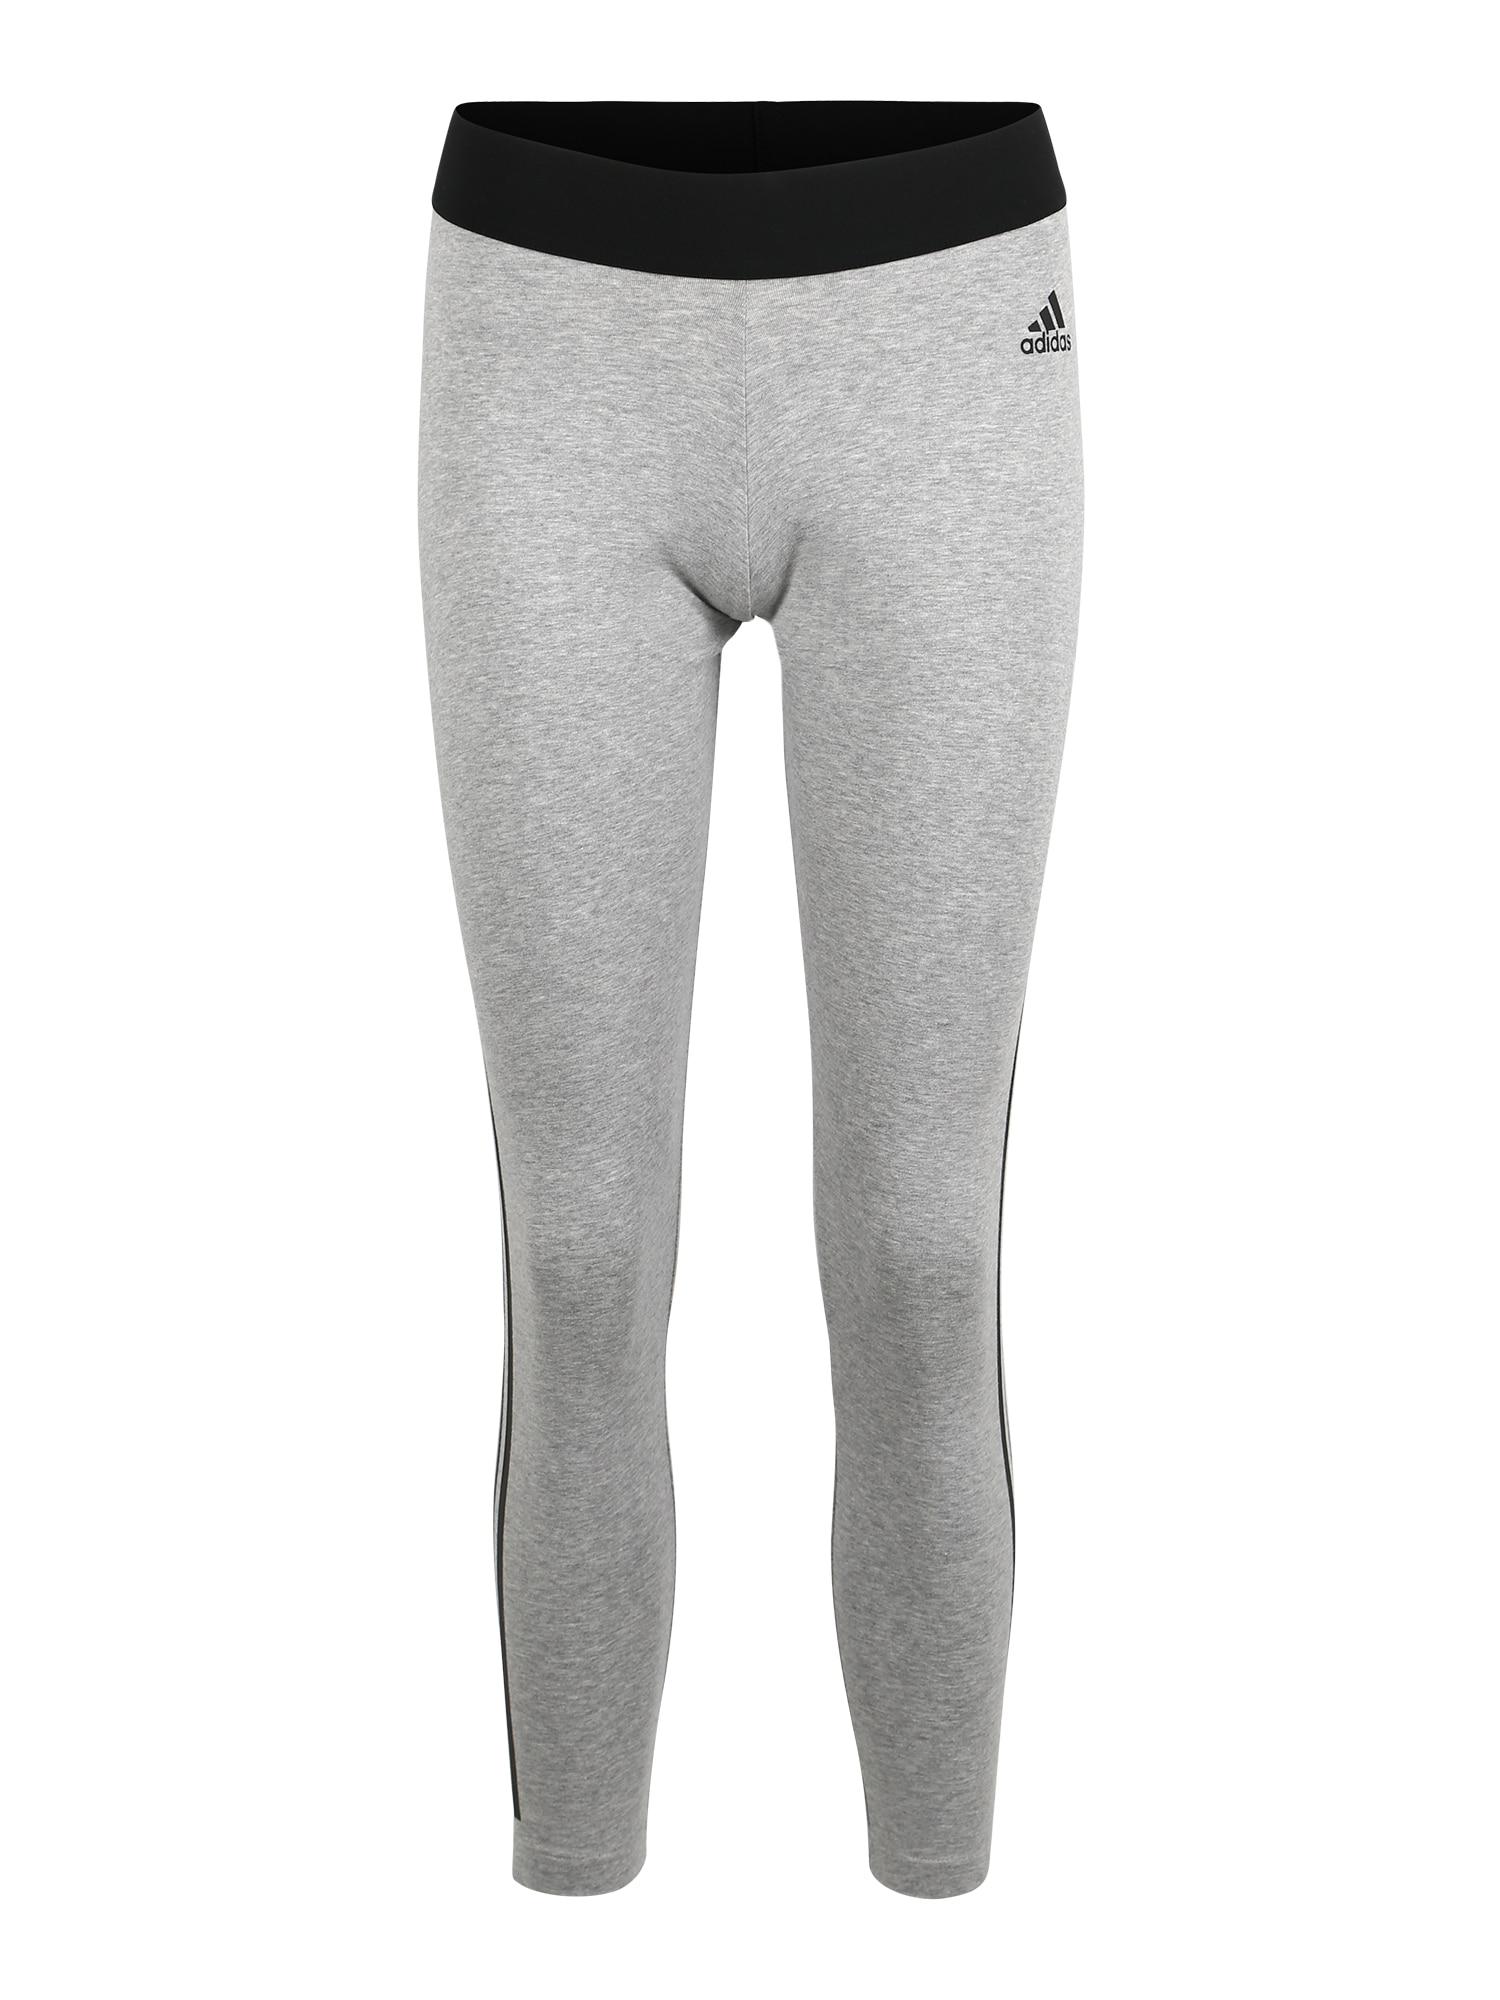 Sportovní kalhoty W MH 3S TIGHT světle šedá černá ADIDAS PERFORMANCE